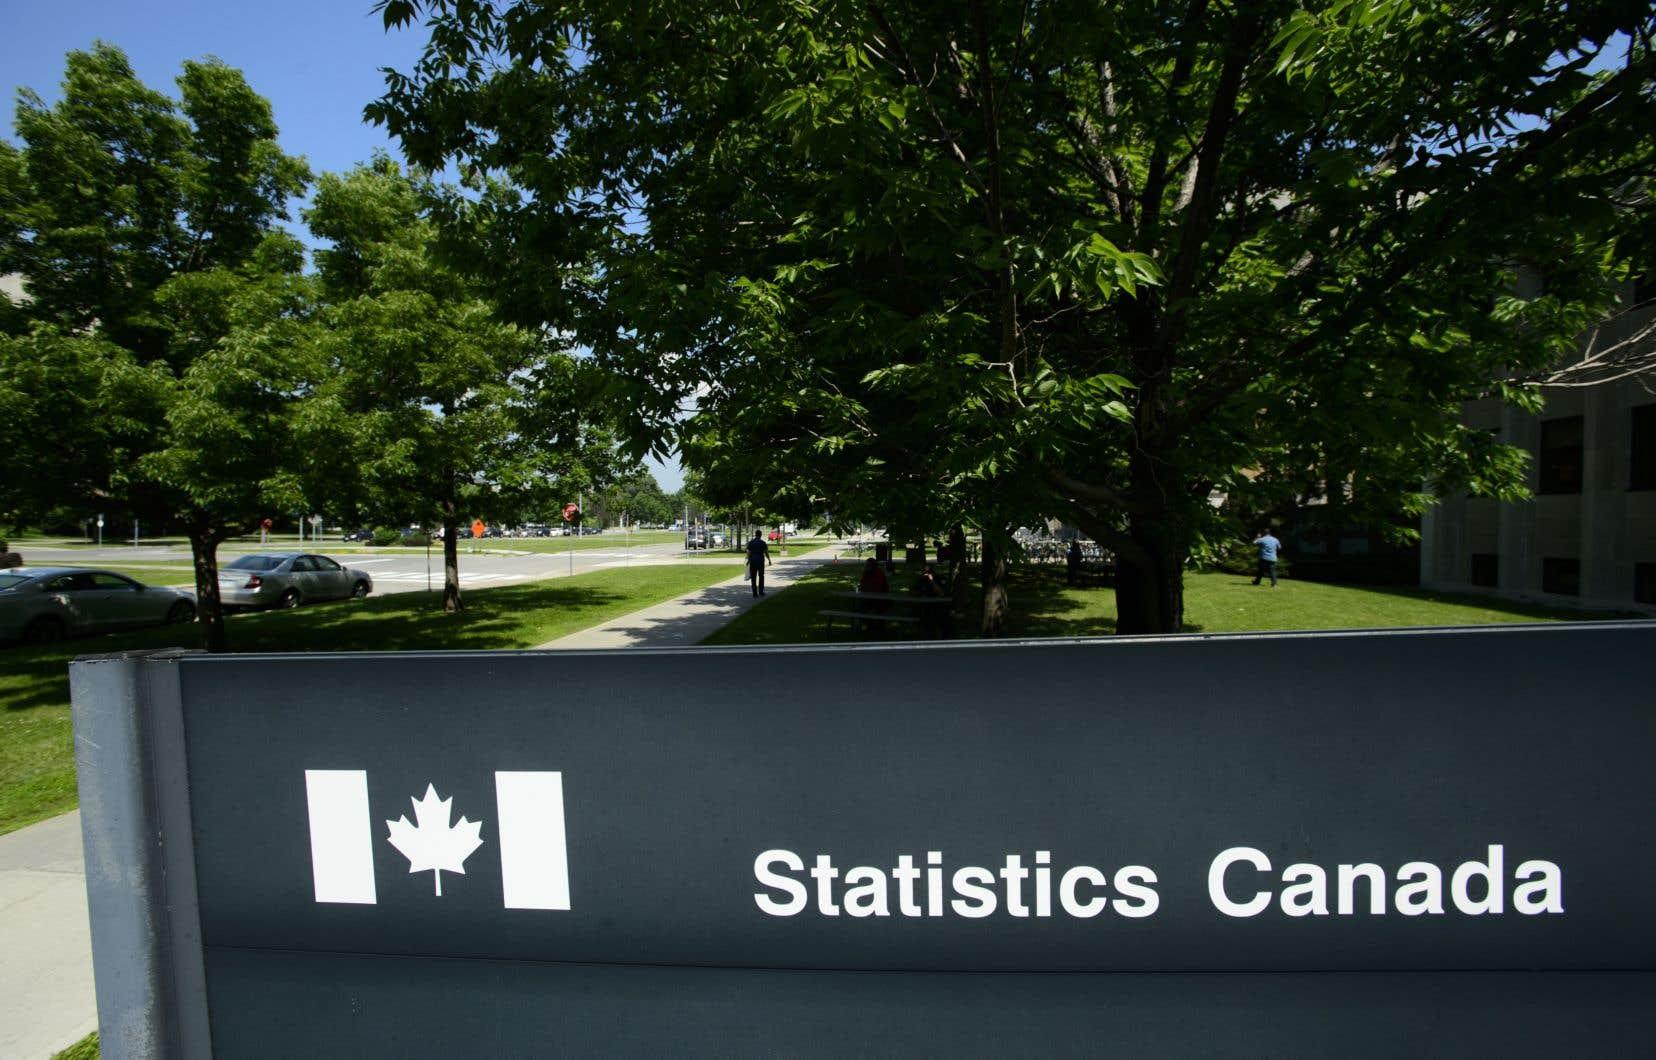 Les ventes ont baissé dans quatre des 11 sous-secteurs examinés par Statistique Canada, en raison principalement d'un recul dans les ventes des magasins d'alimentation.